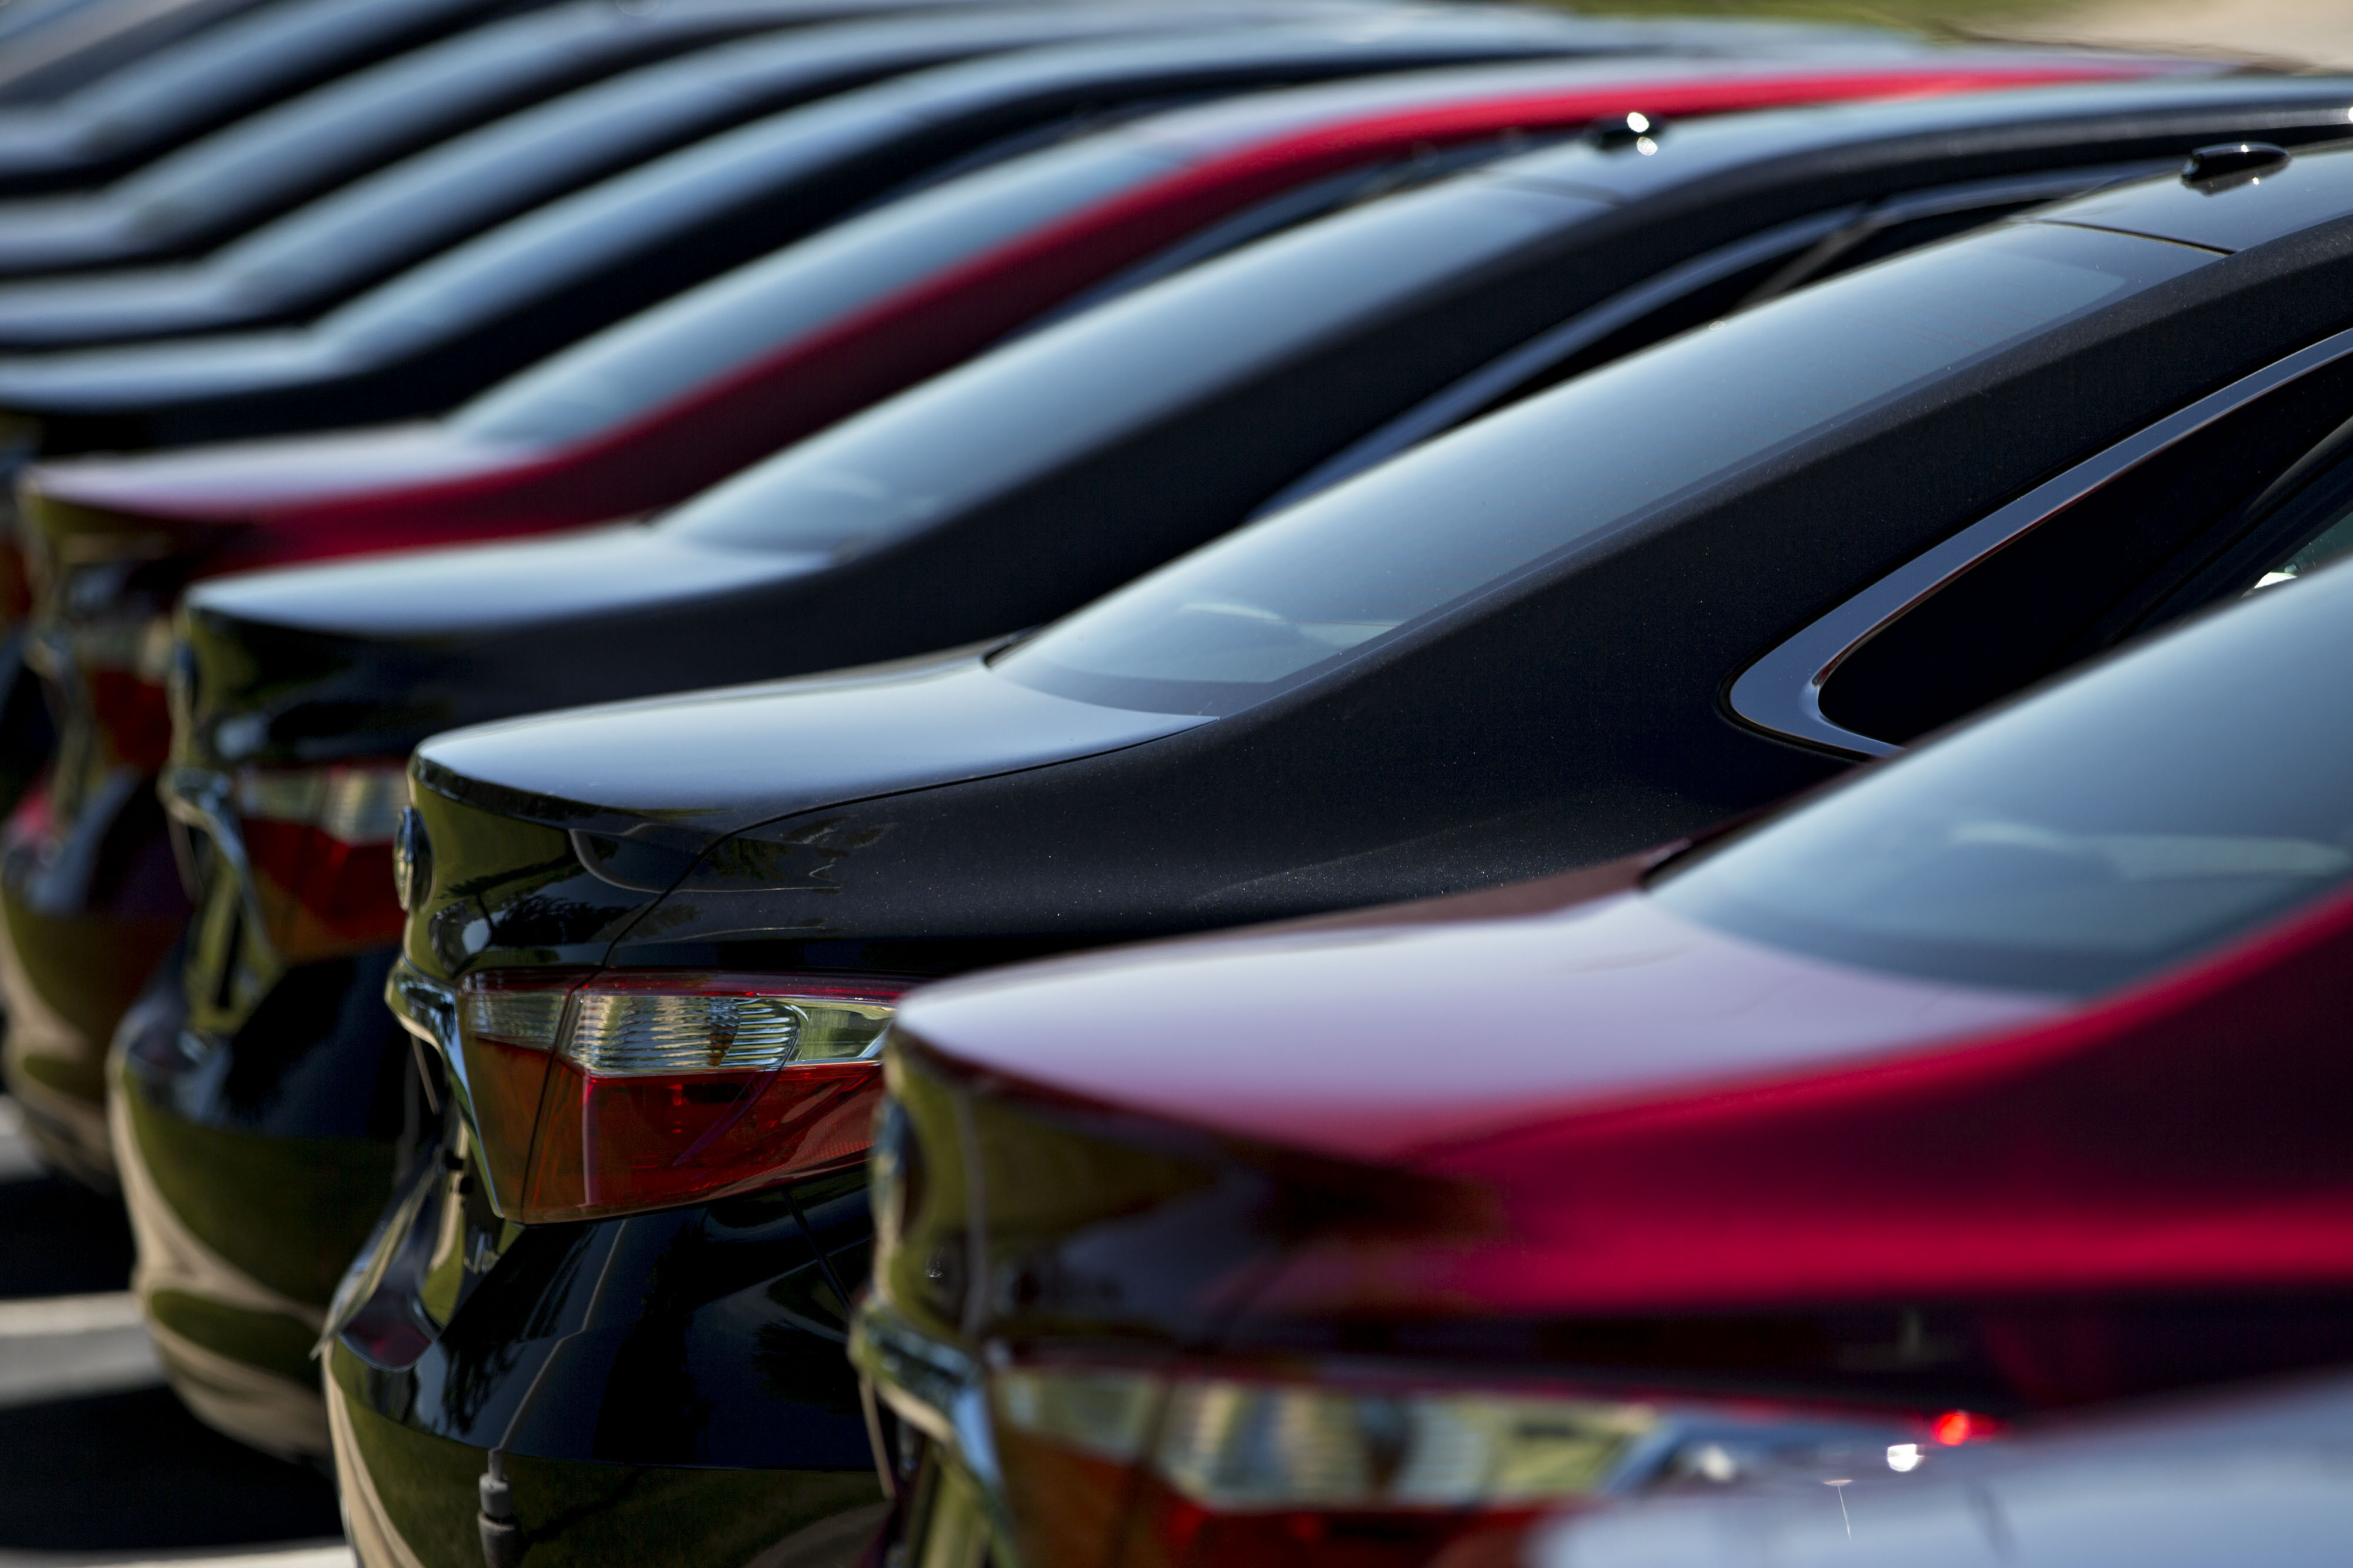 トヨタ、試される米国での現地生産化策ートランプ氏は一層の貢献迫る